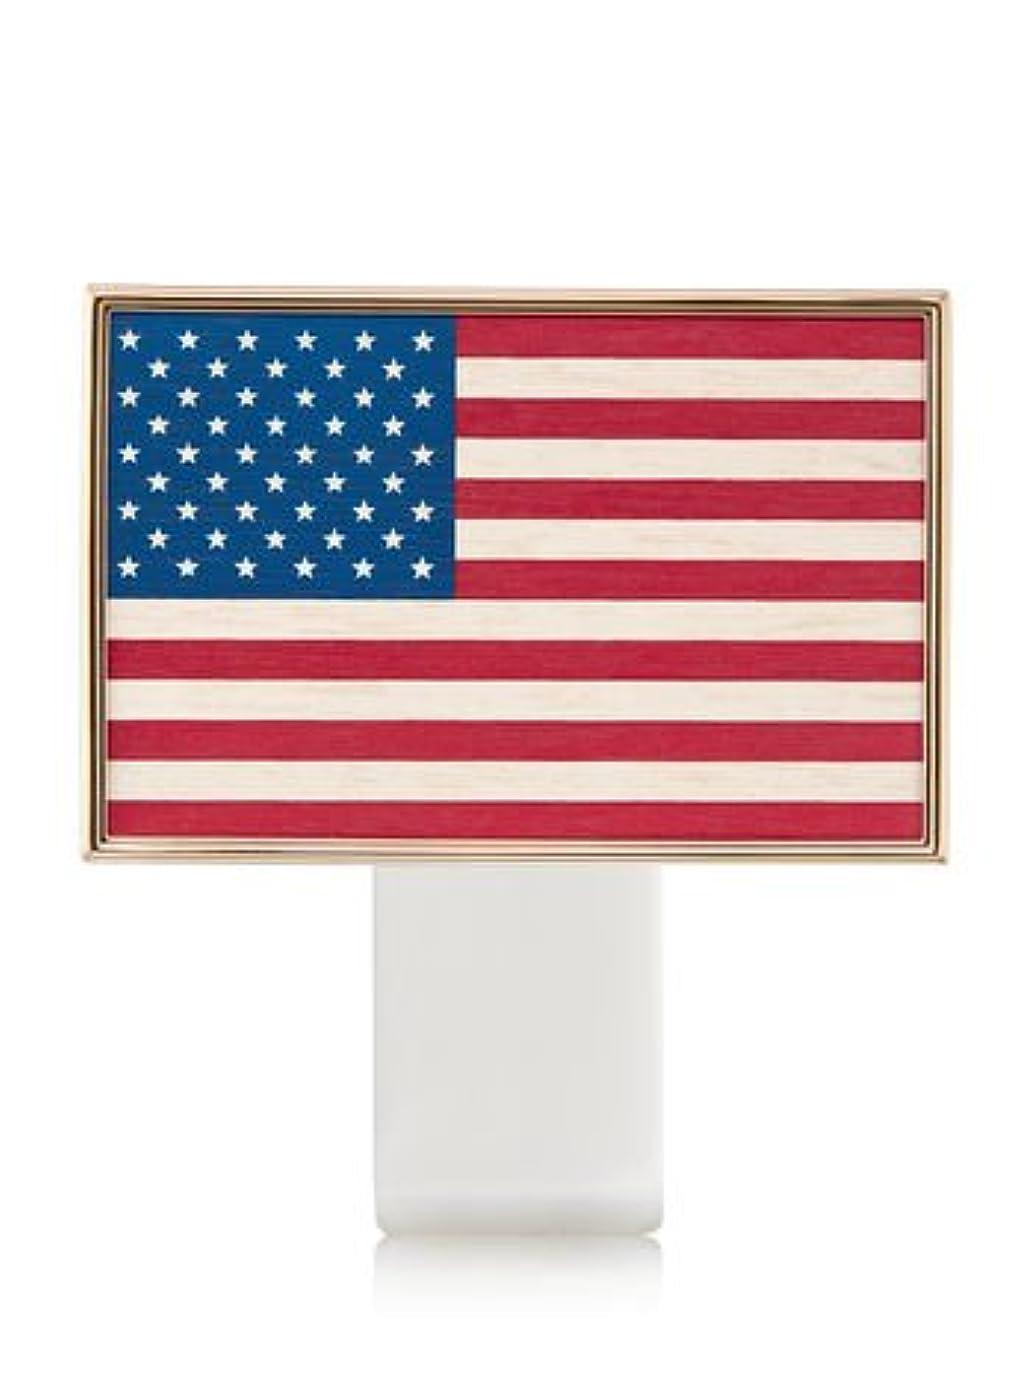 講師くつろぎいつ【Bath&Body Works/バス&ボディワークス】 ルームフレグランス プラグインスターター (本体のみ) アメリカンフラッグ Wallflowers Fragrance Plug American Flag [並行輸入品]